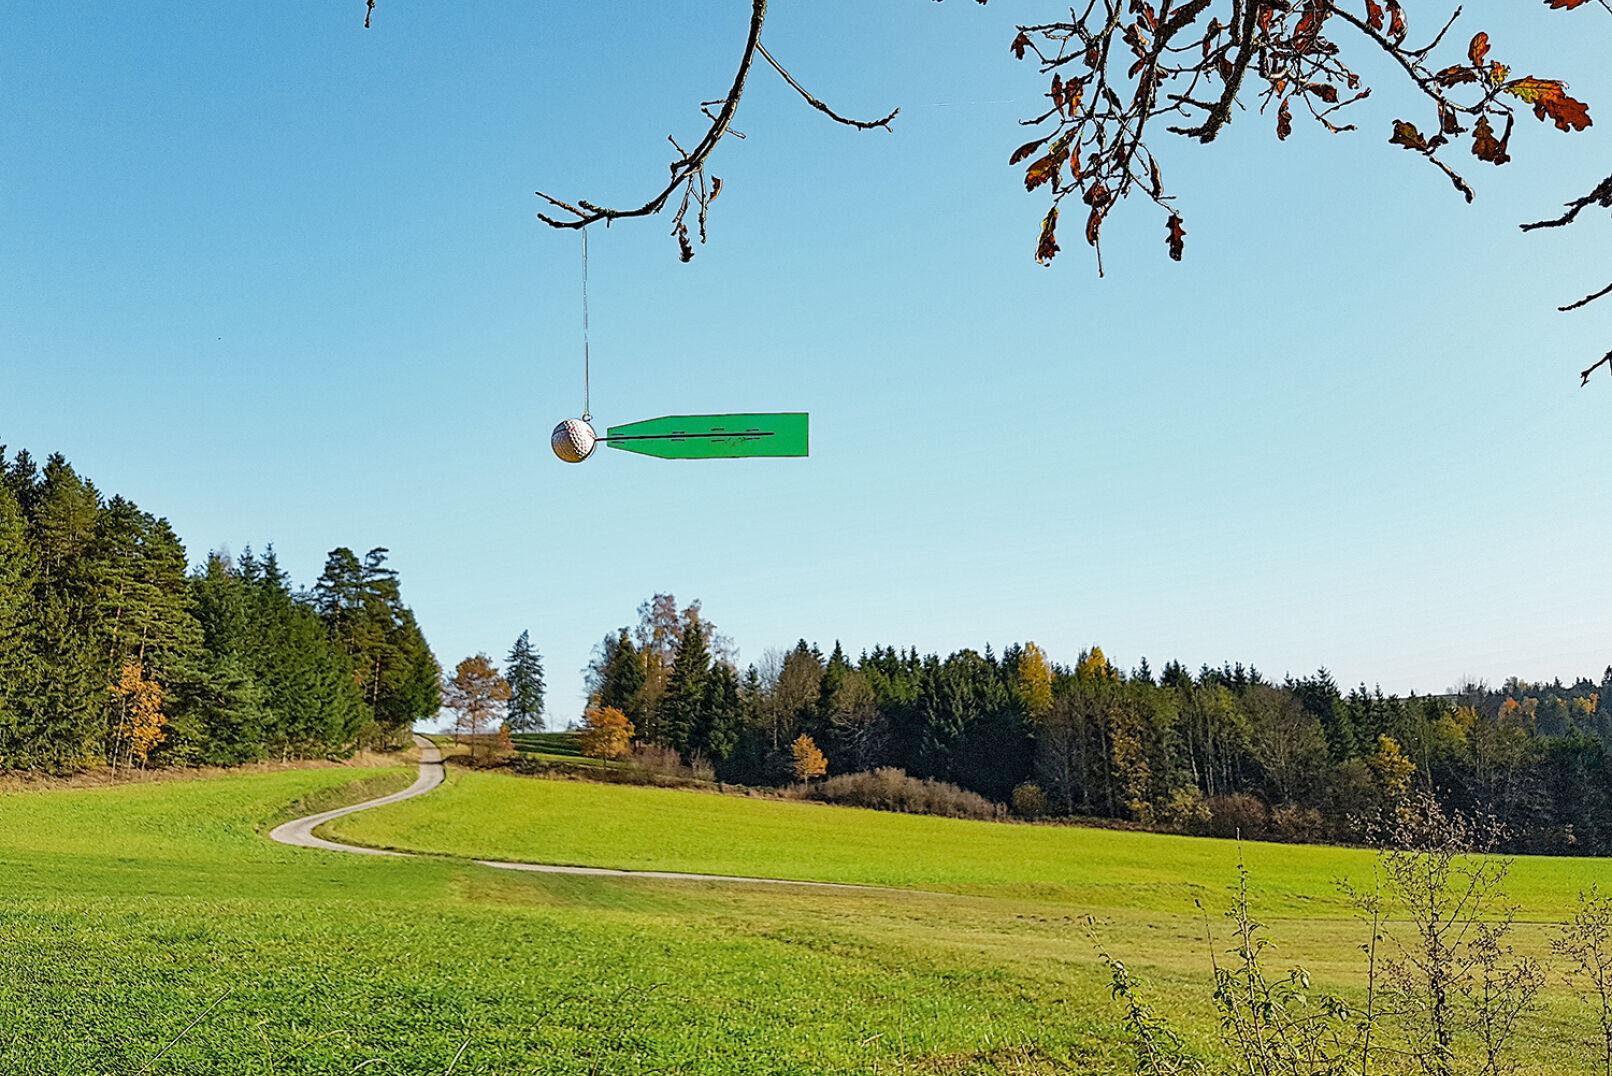 Golfball mit Feder für Windbestimmung - Auch mithilfe eines Golfballs, an dem eine Feder montiert ist, kann die Windrichtung eruiert werden. - © Dominik Steinhauser